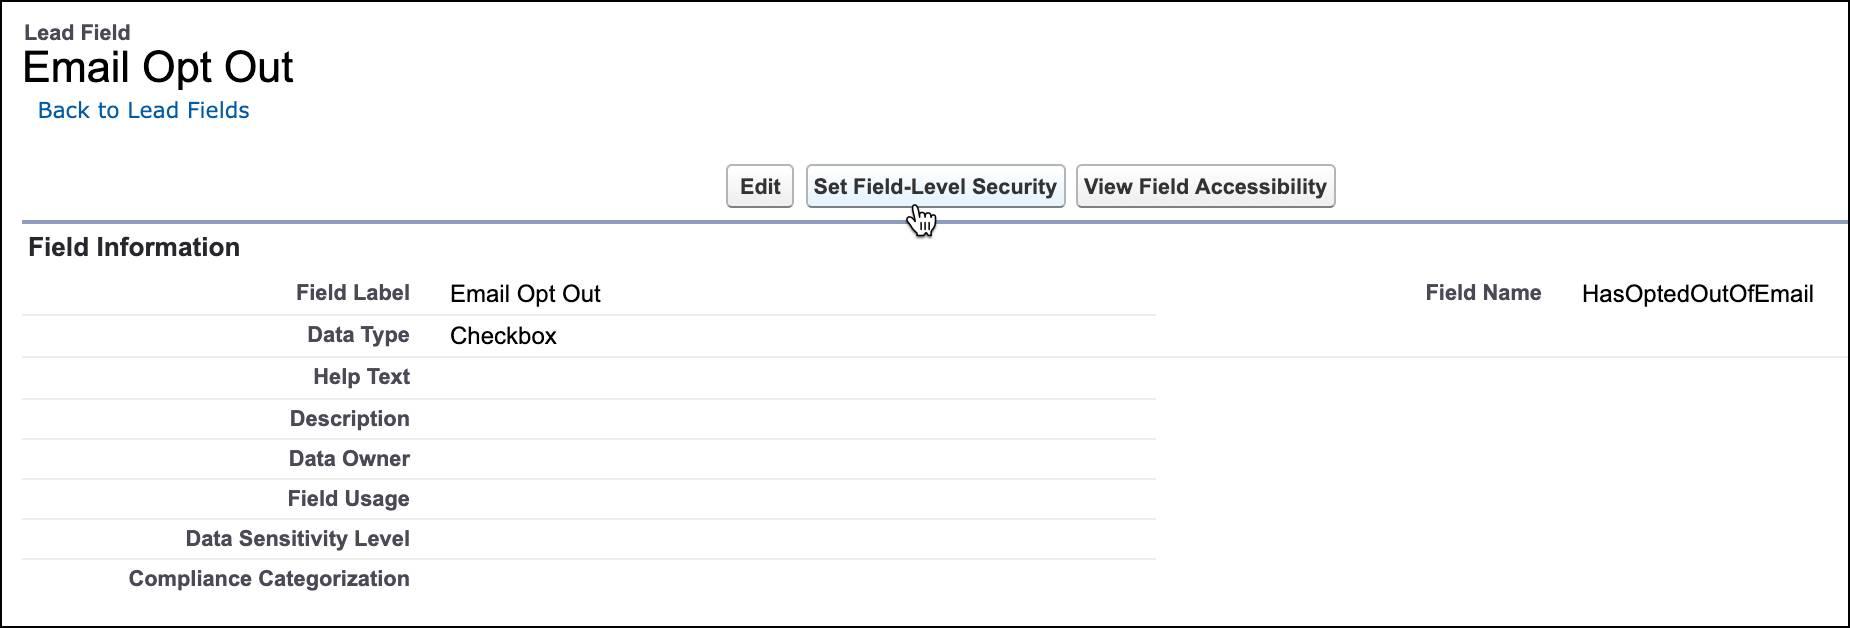 [項目レベルセキュリティの設定] ボタンが選択された、リードの [メール送信除外] 項目